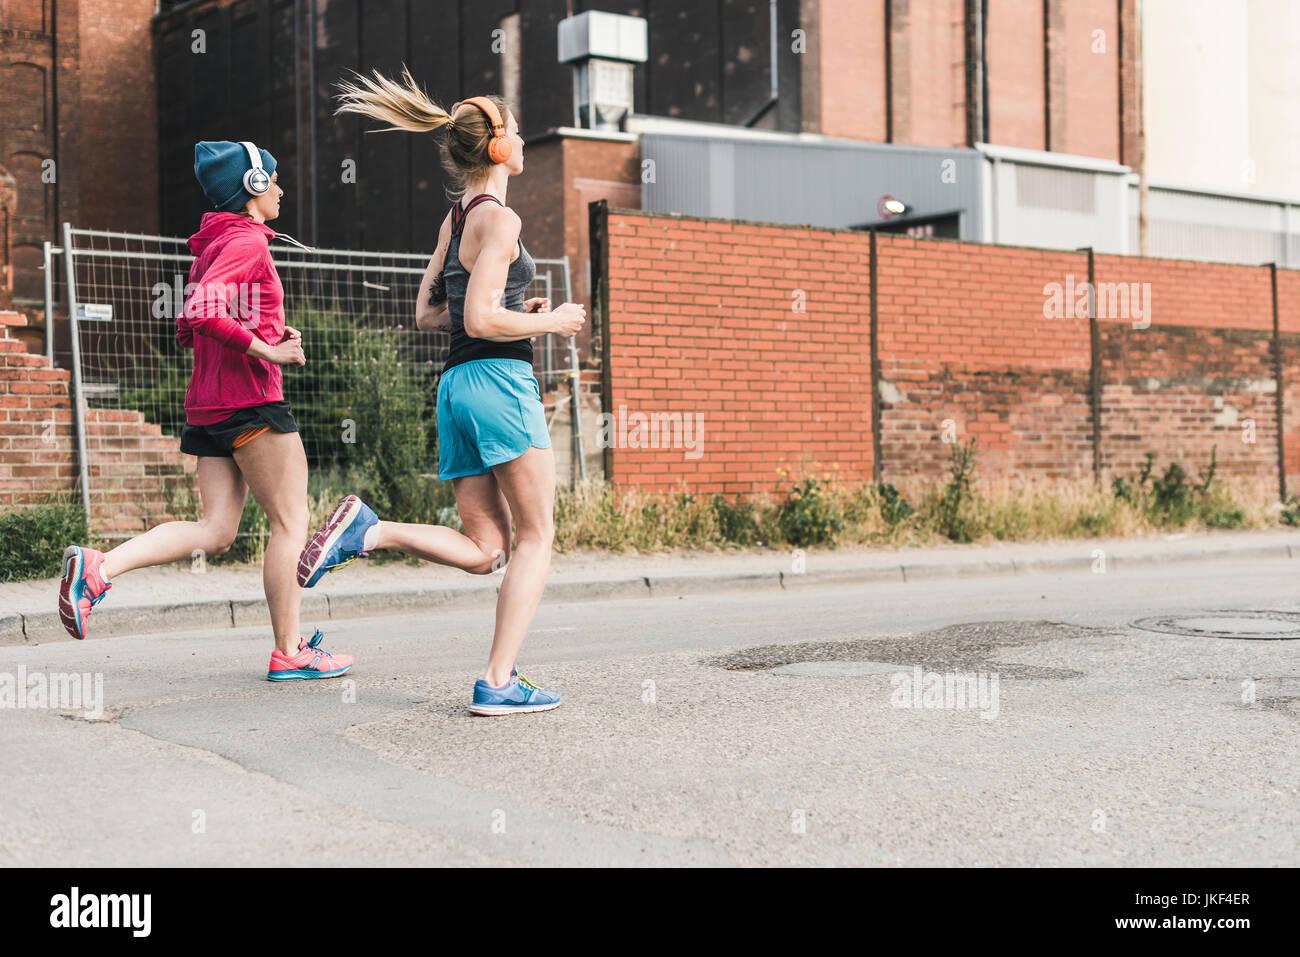 Dos mujeres corriendo en la calle nave Imagen De Stock